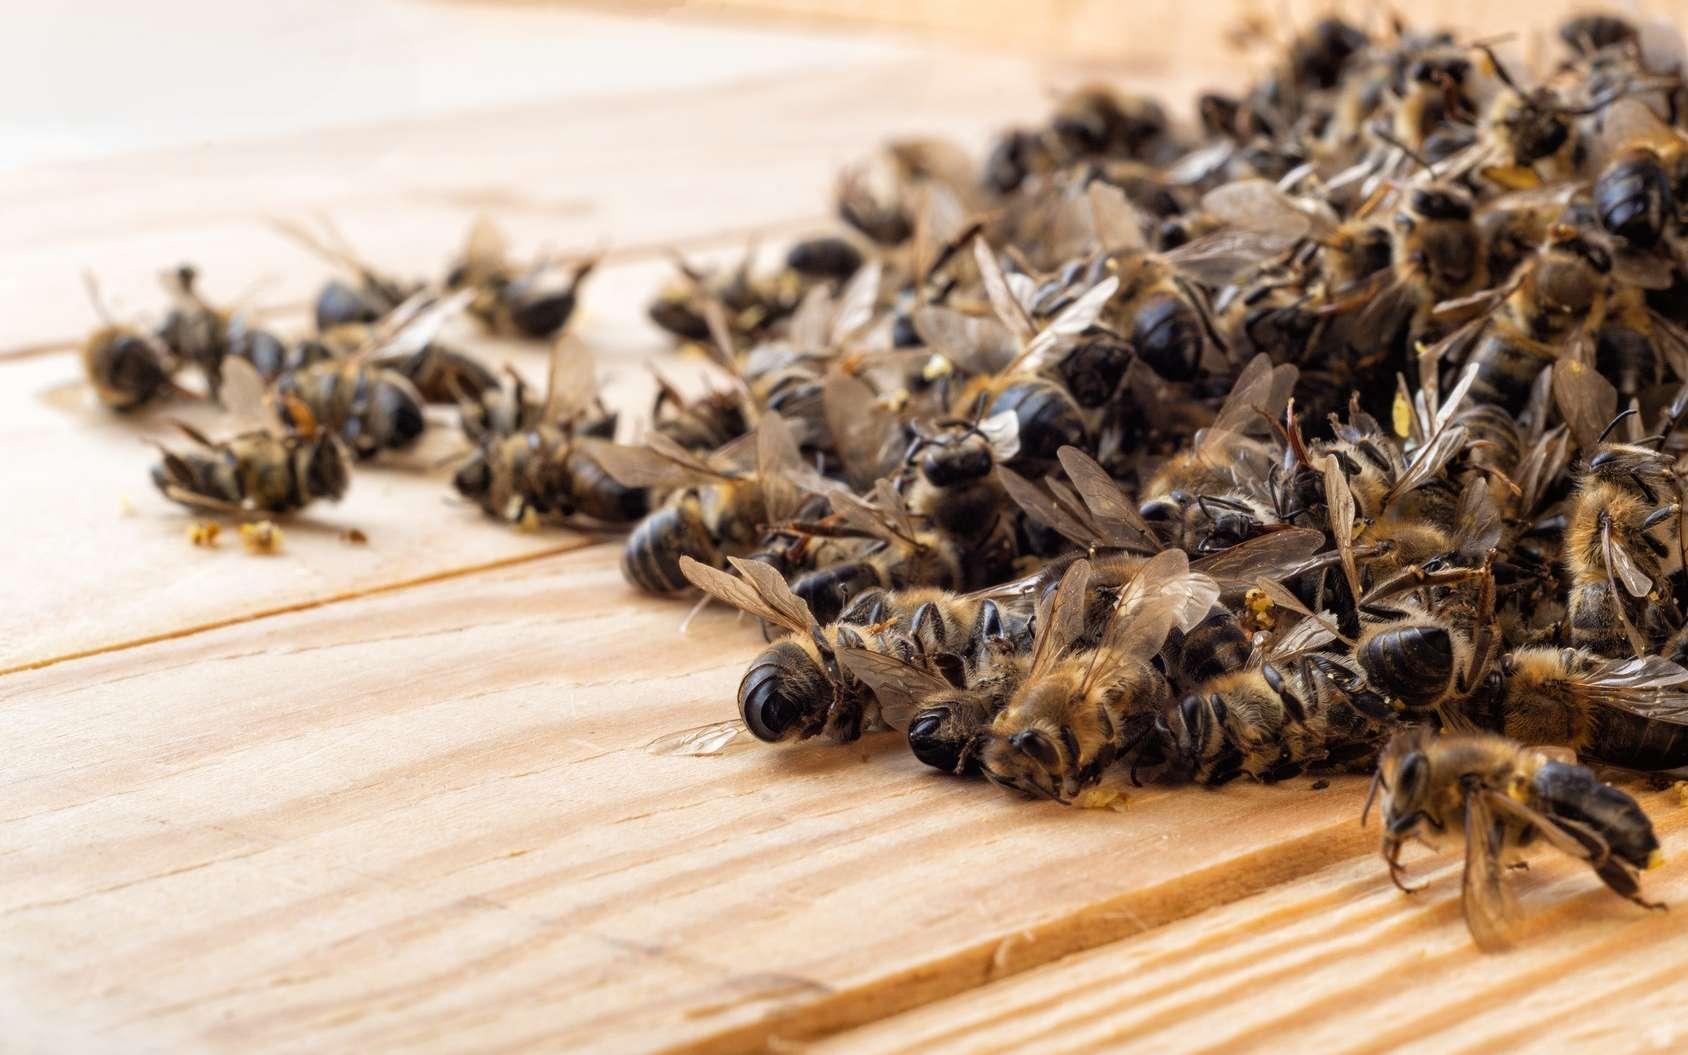 Les néonicotinoïdes sont accusés de participer au déclin des abeilles. © kosolovskyy, Fotolia